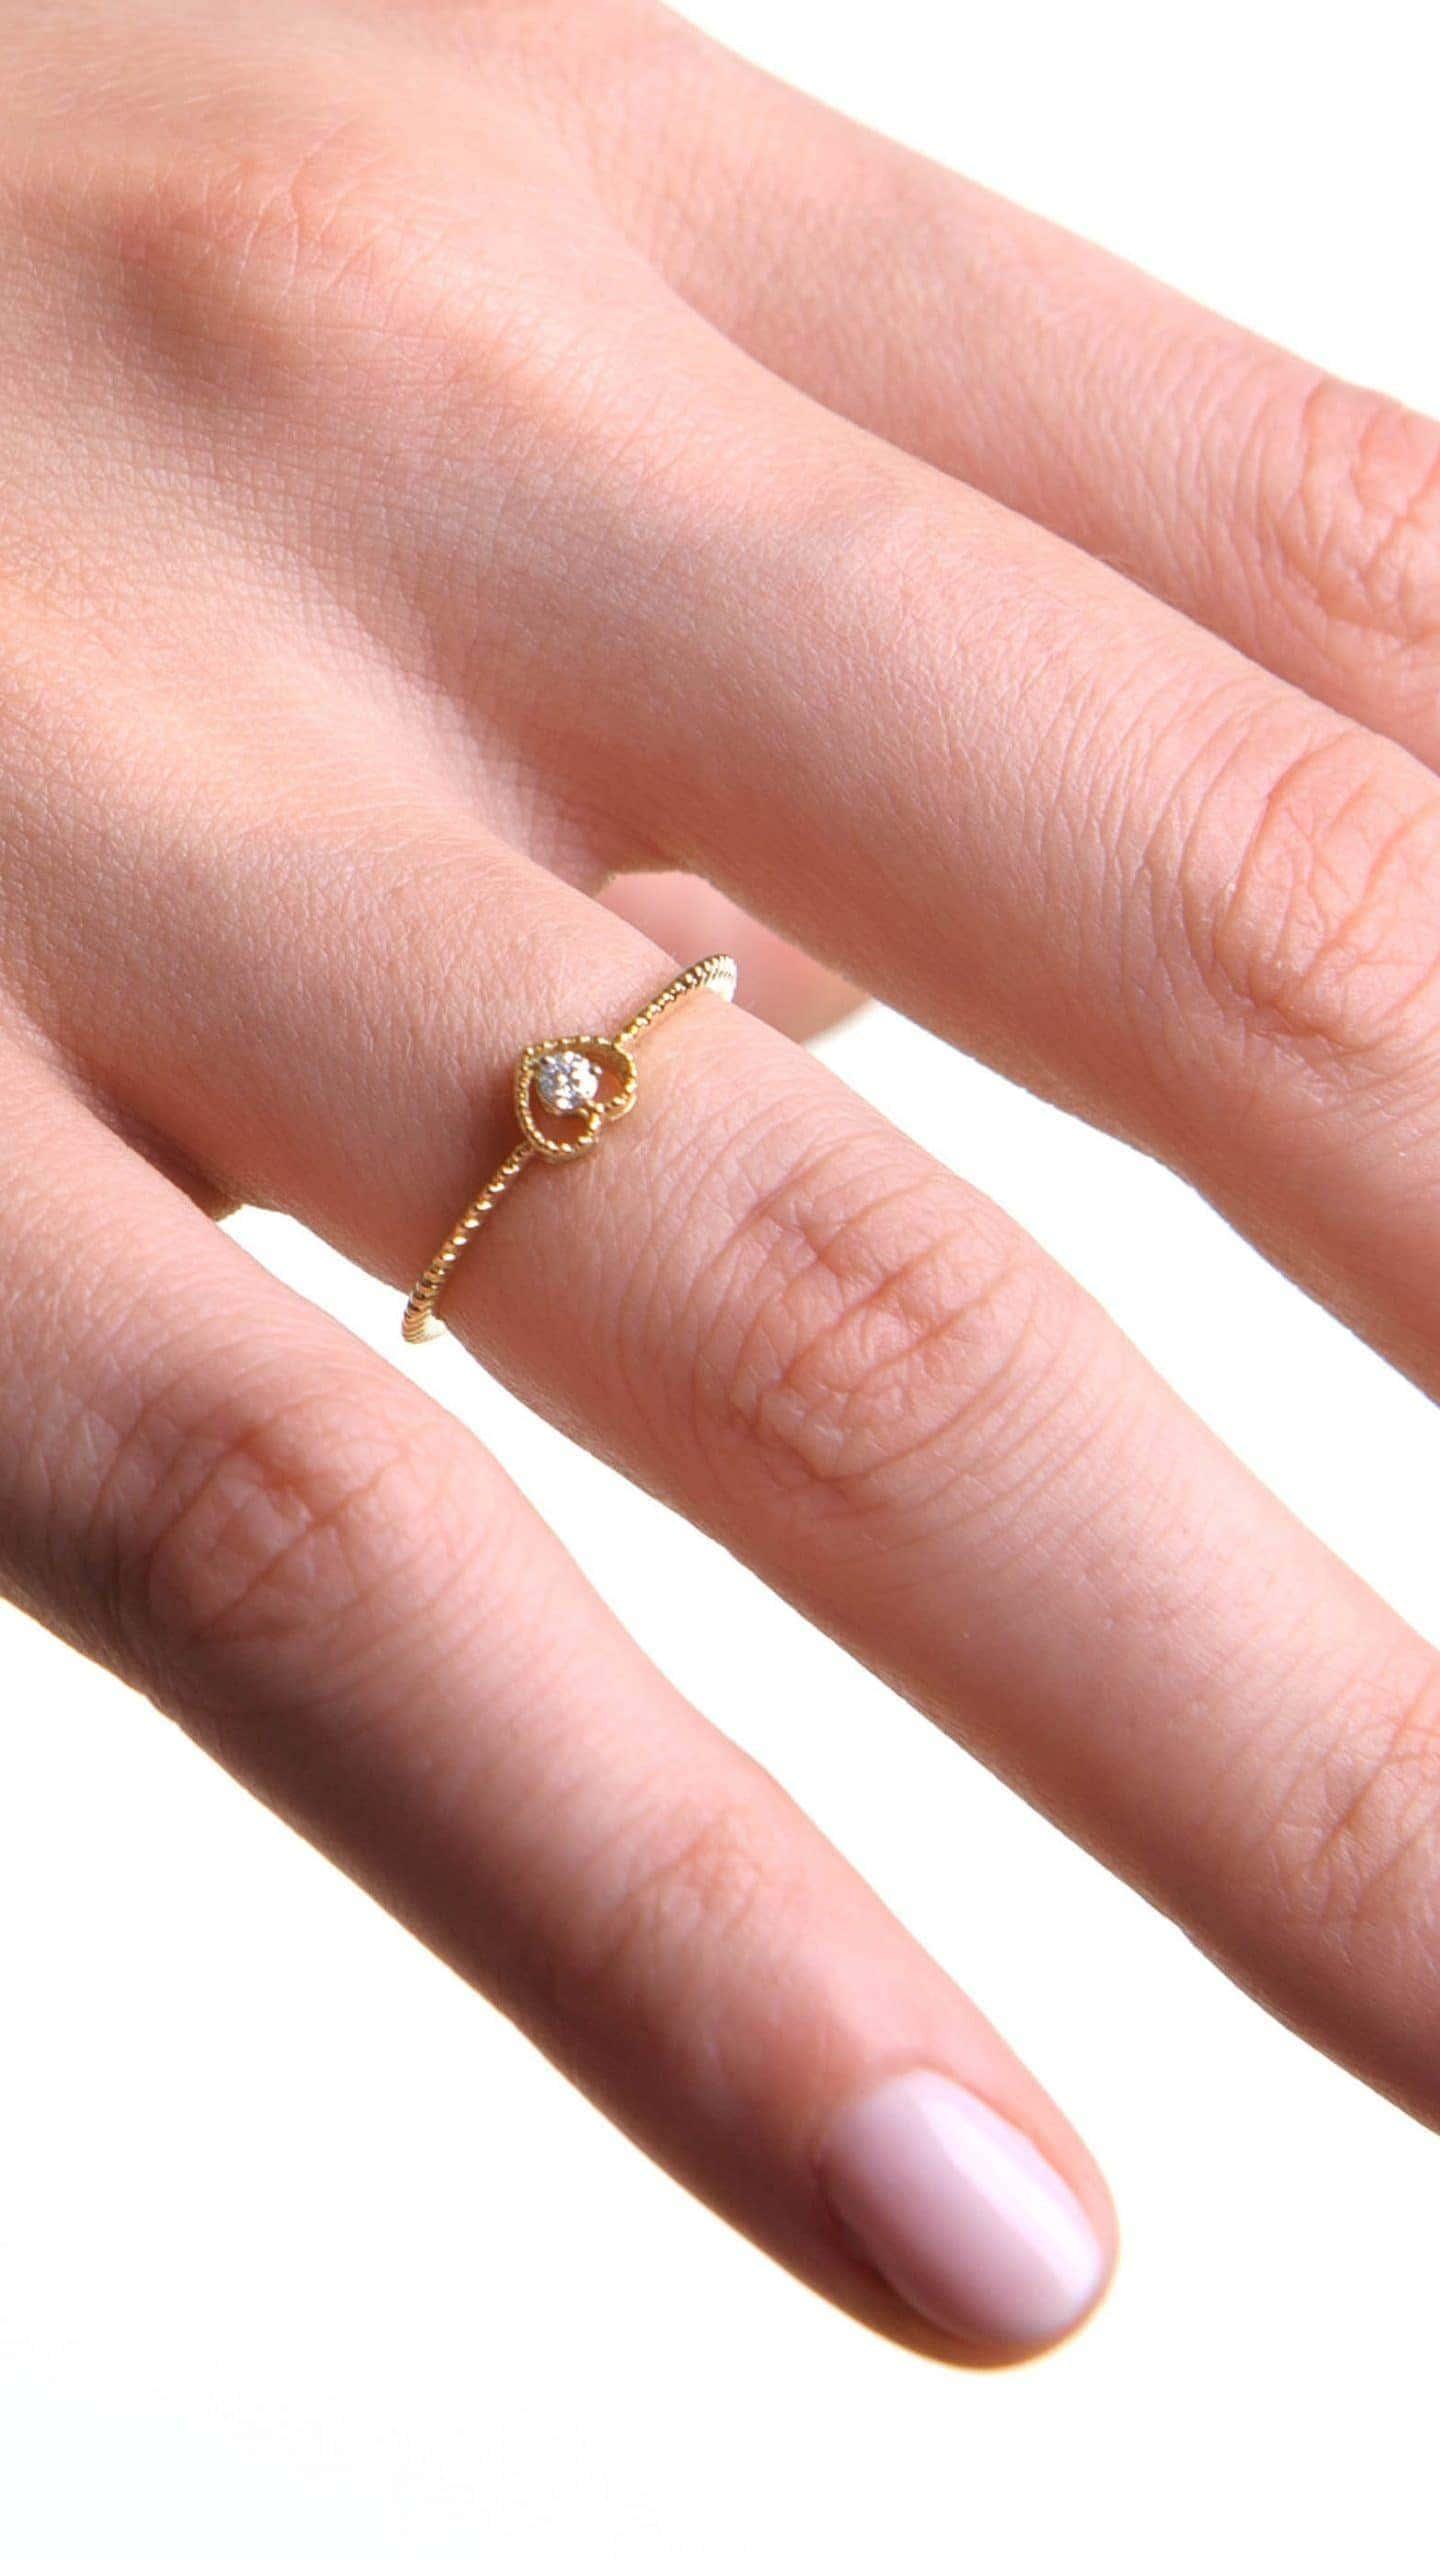 Modelka prezentuje złoty pierścionek z diamentem w formie serca